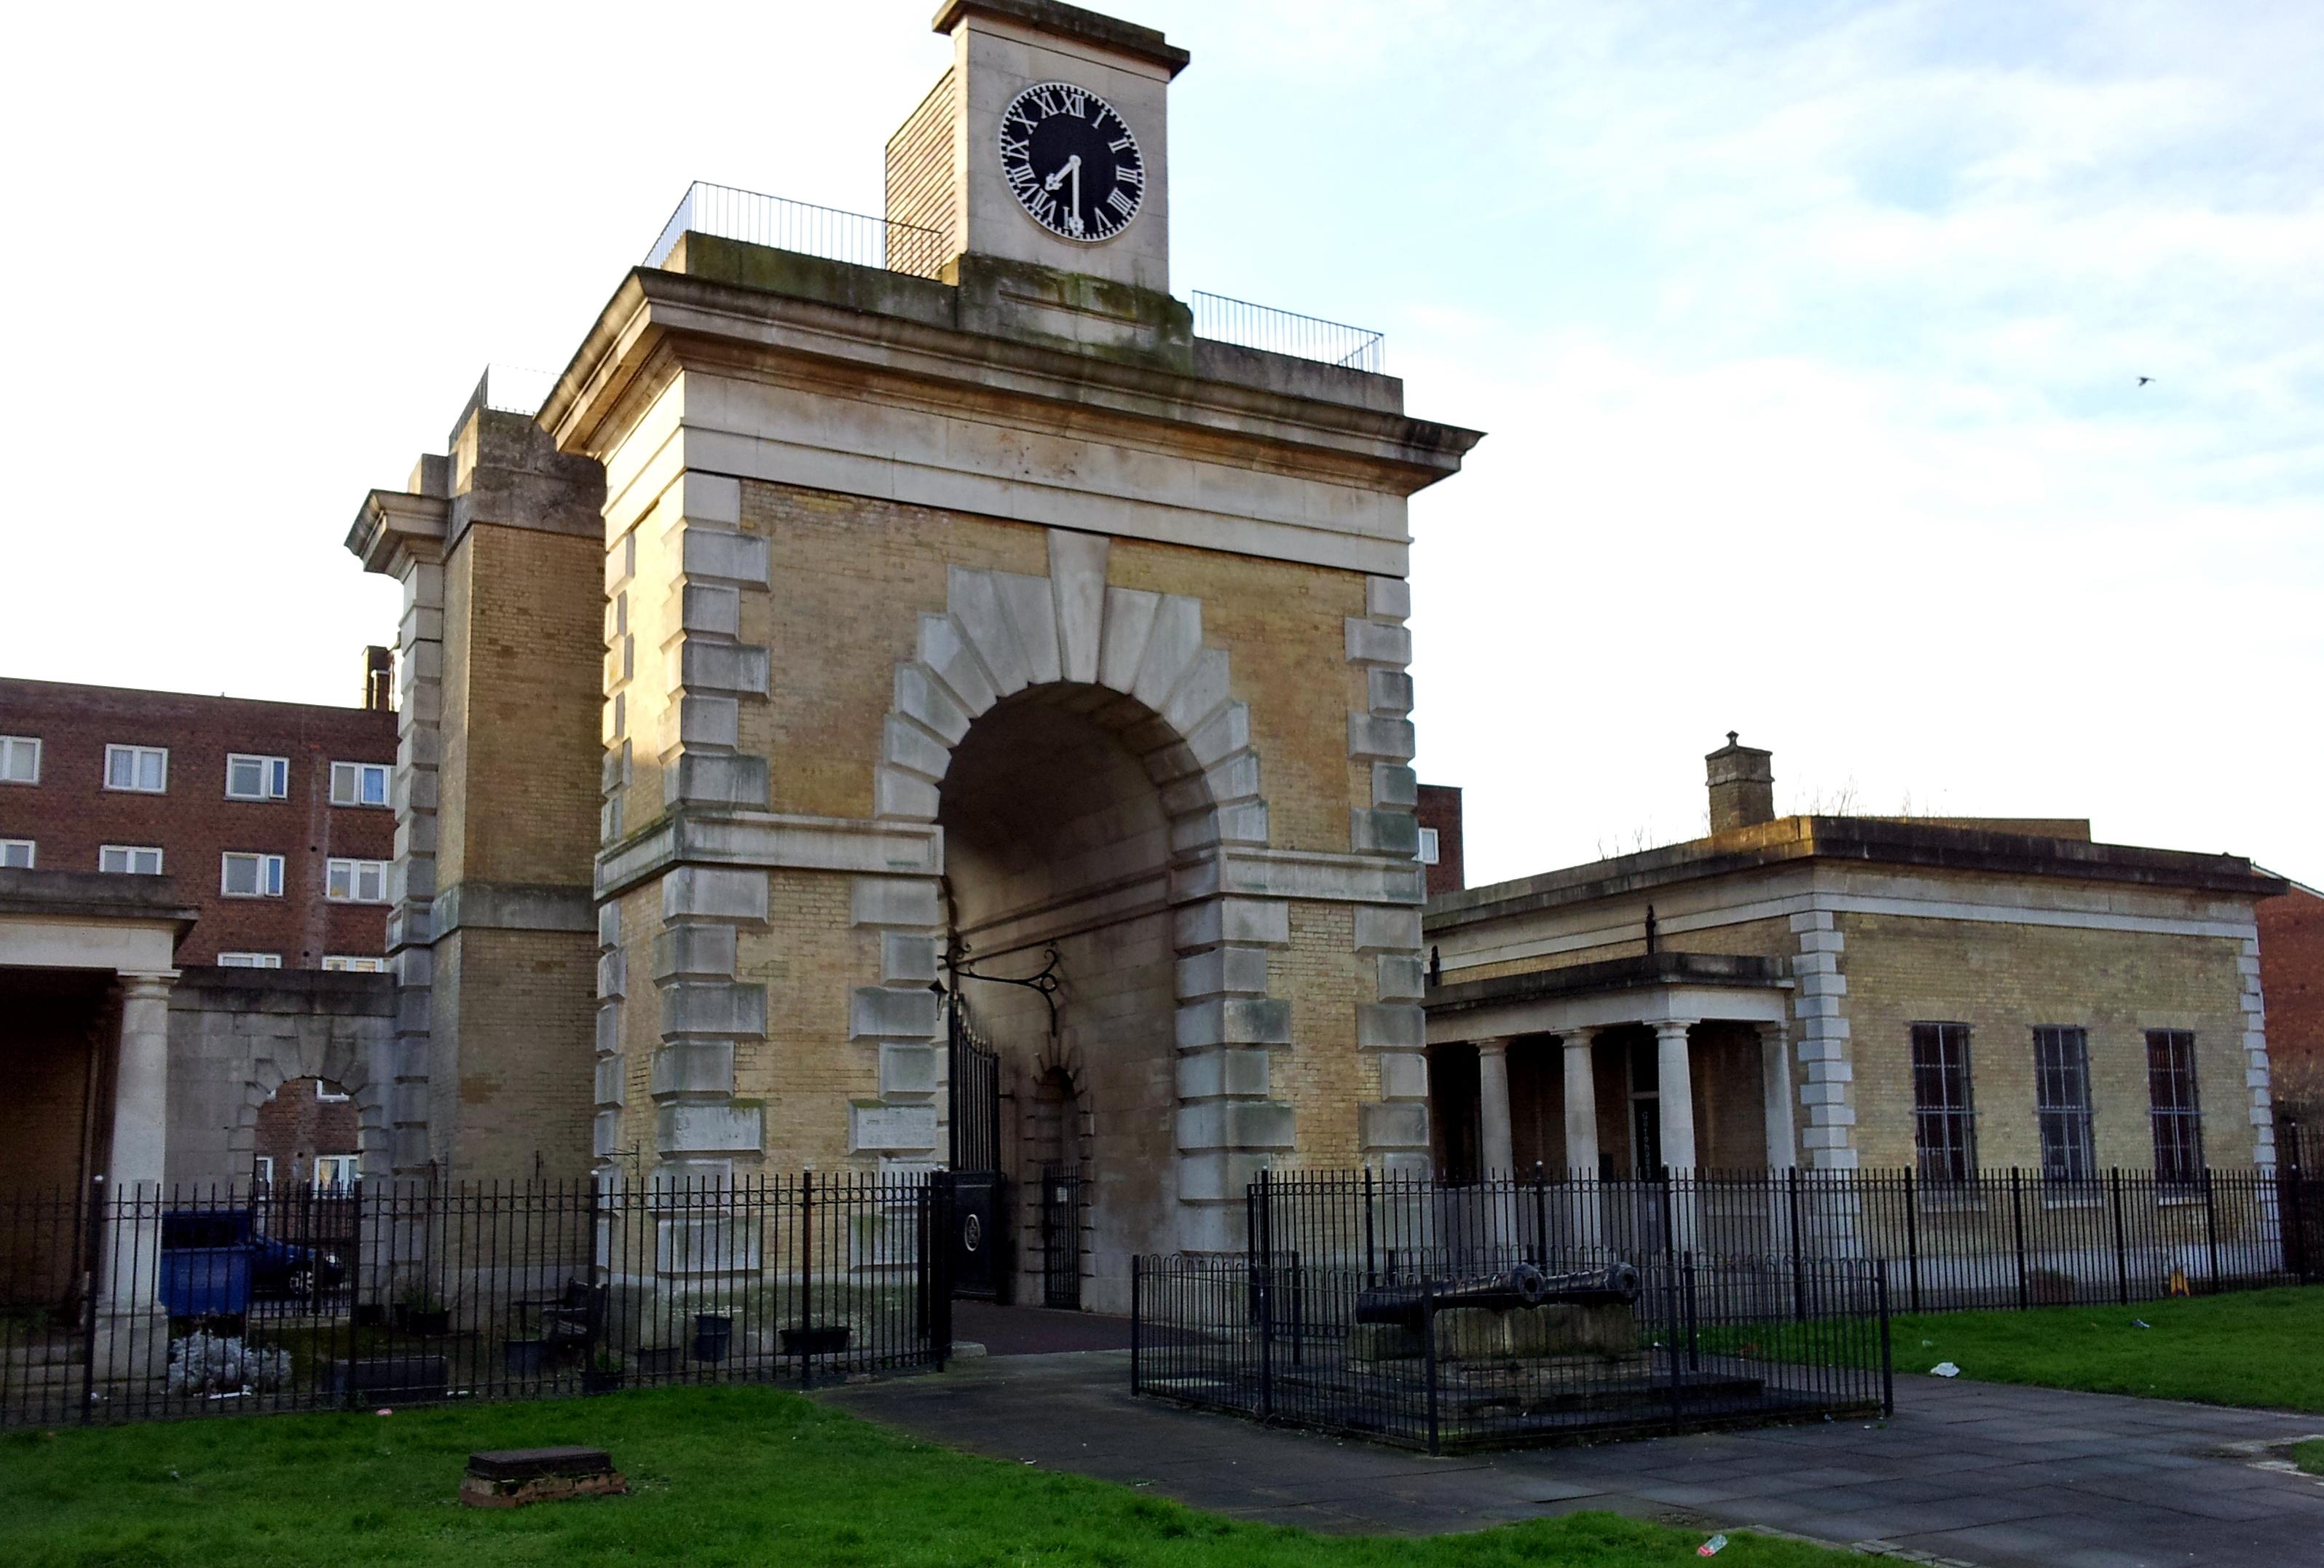 london, woolwich, former military buildings04.jpg